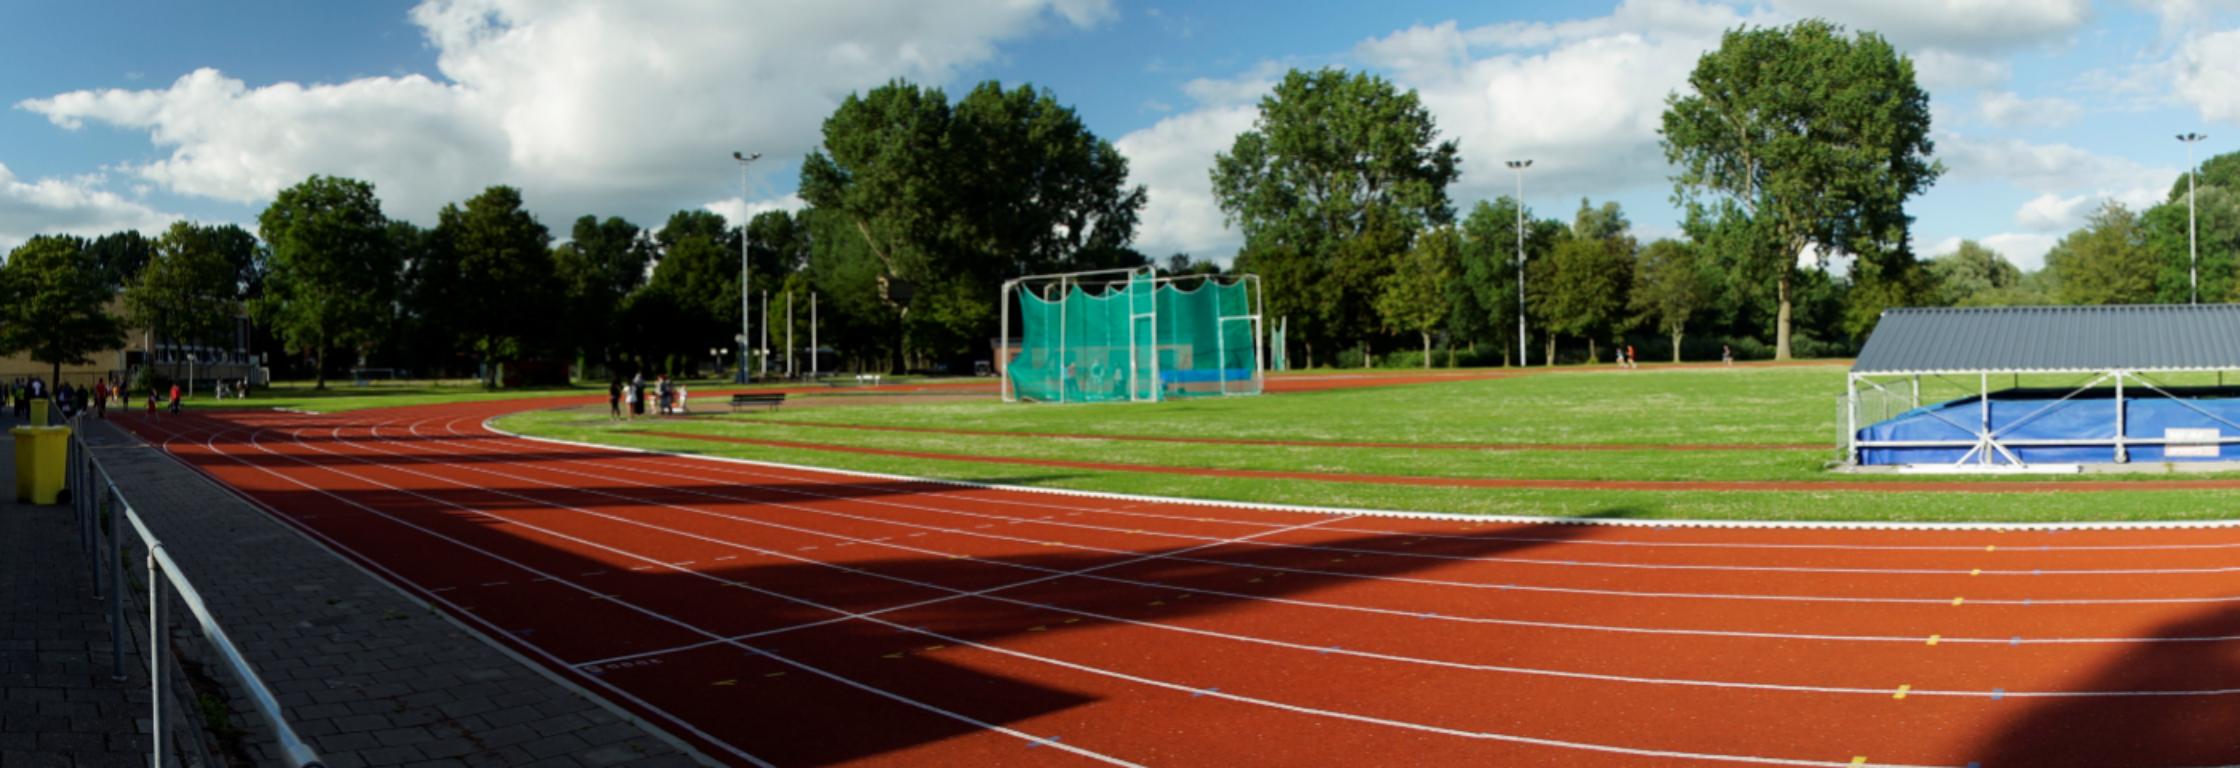 AAC, de Amsterdamse Atletiek Combinatie